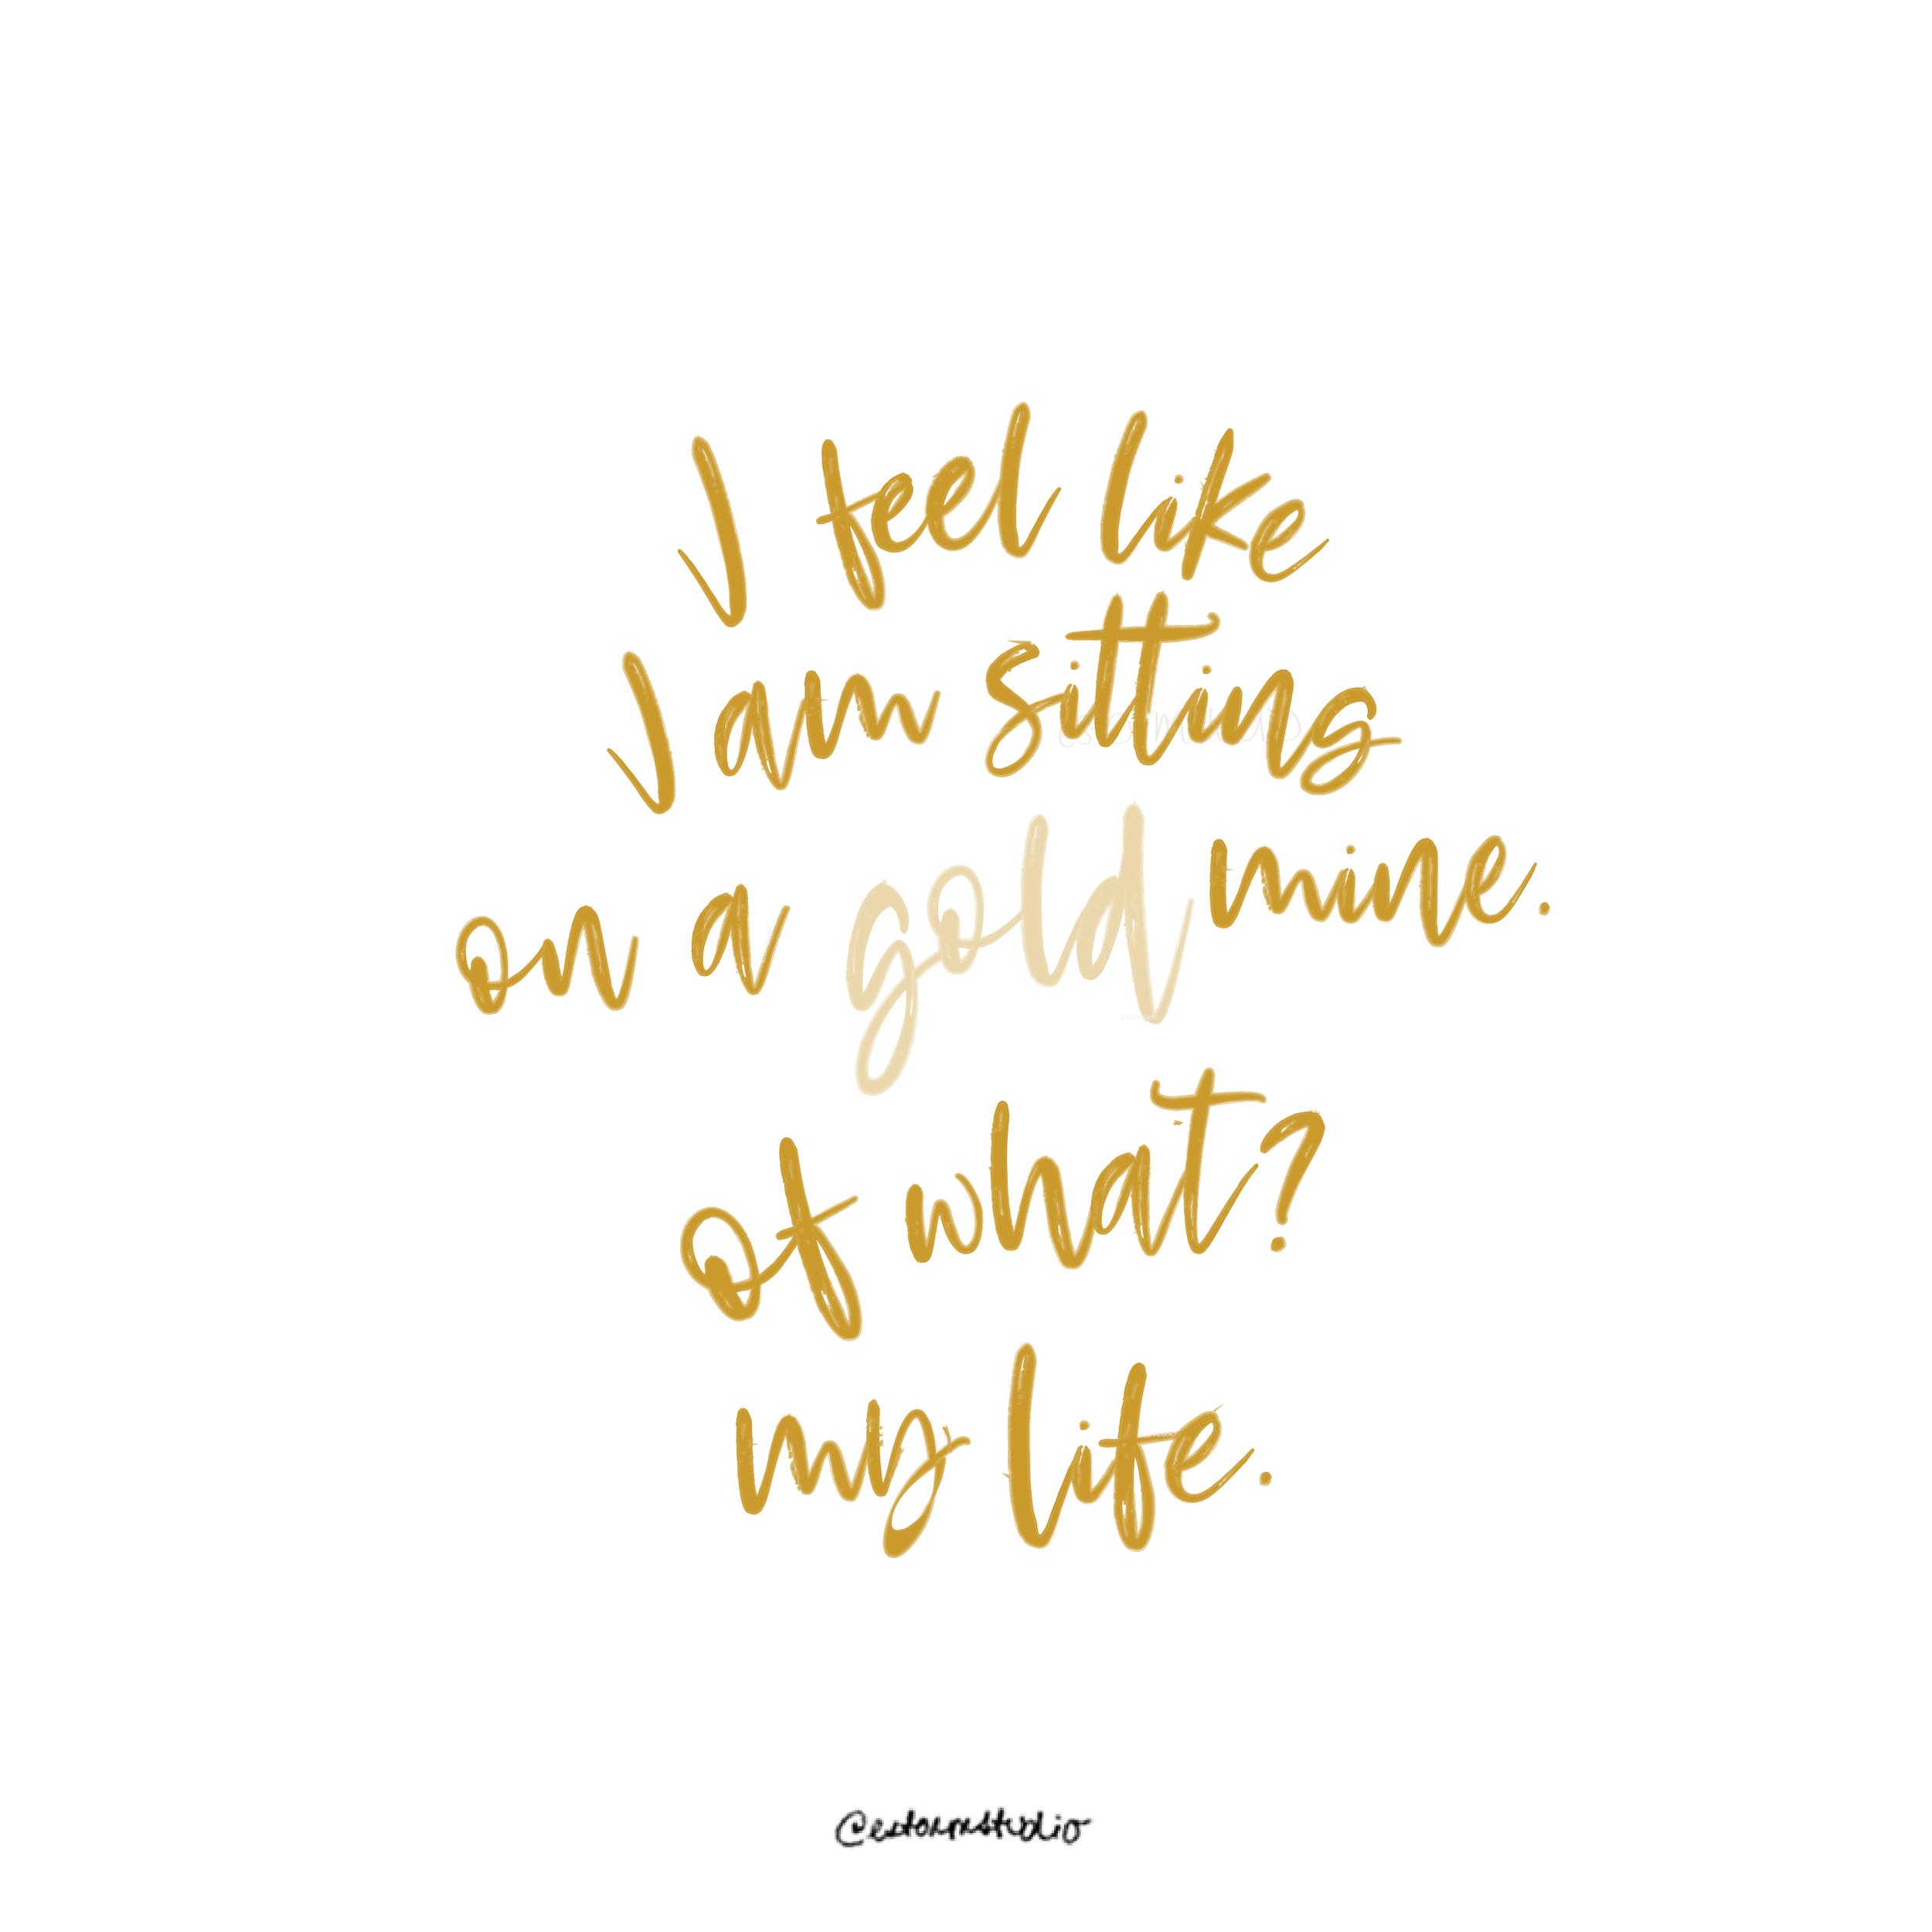 GoldMine-copurtight-estormstudio.png